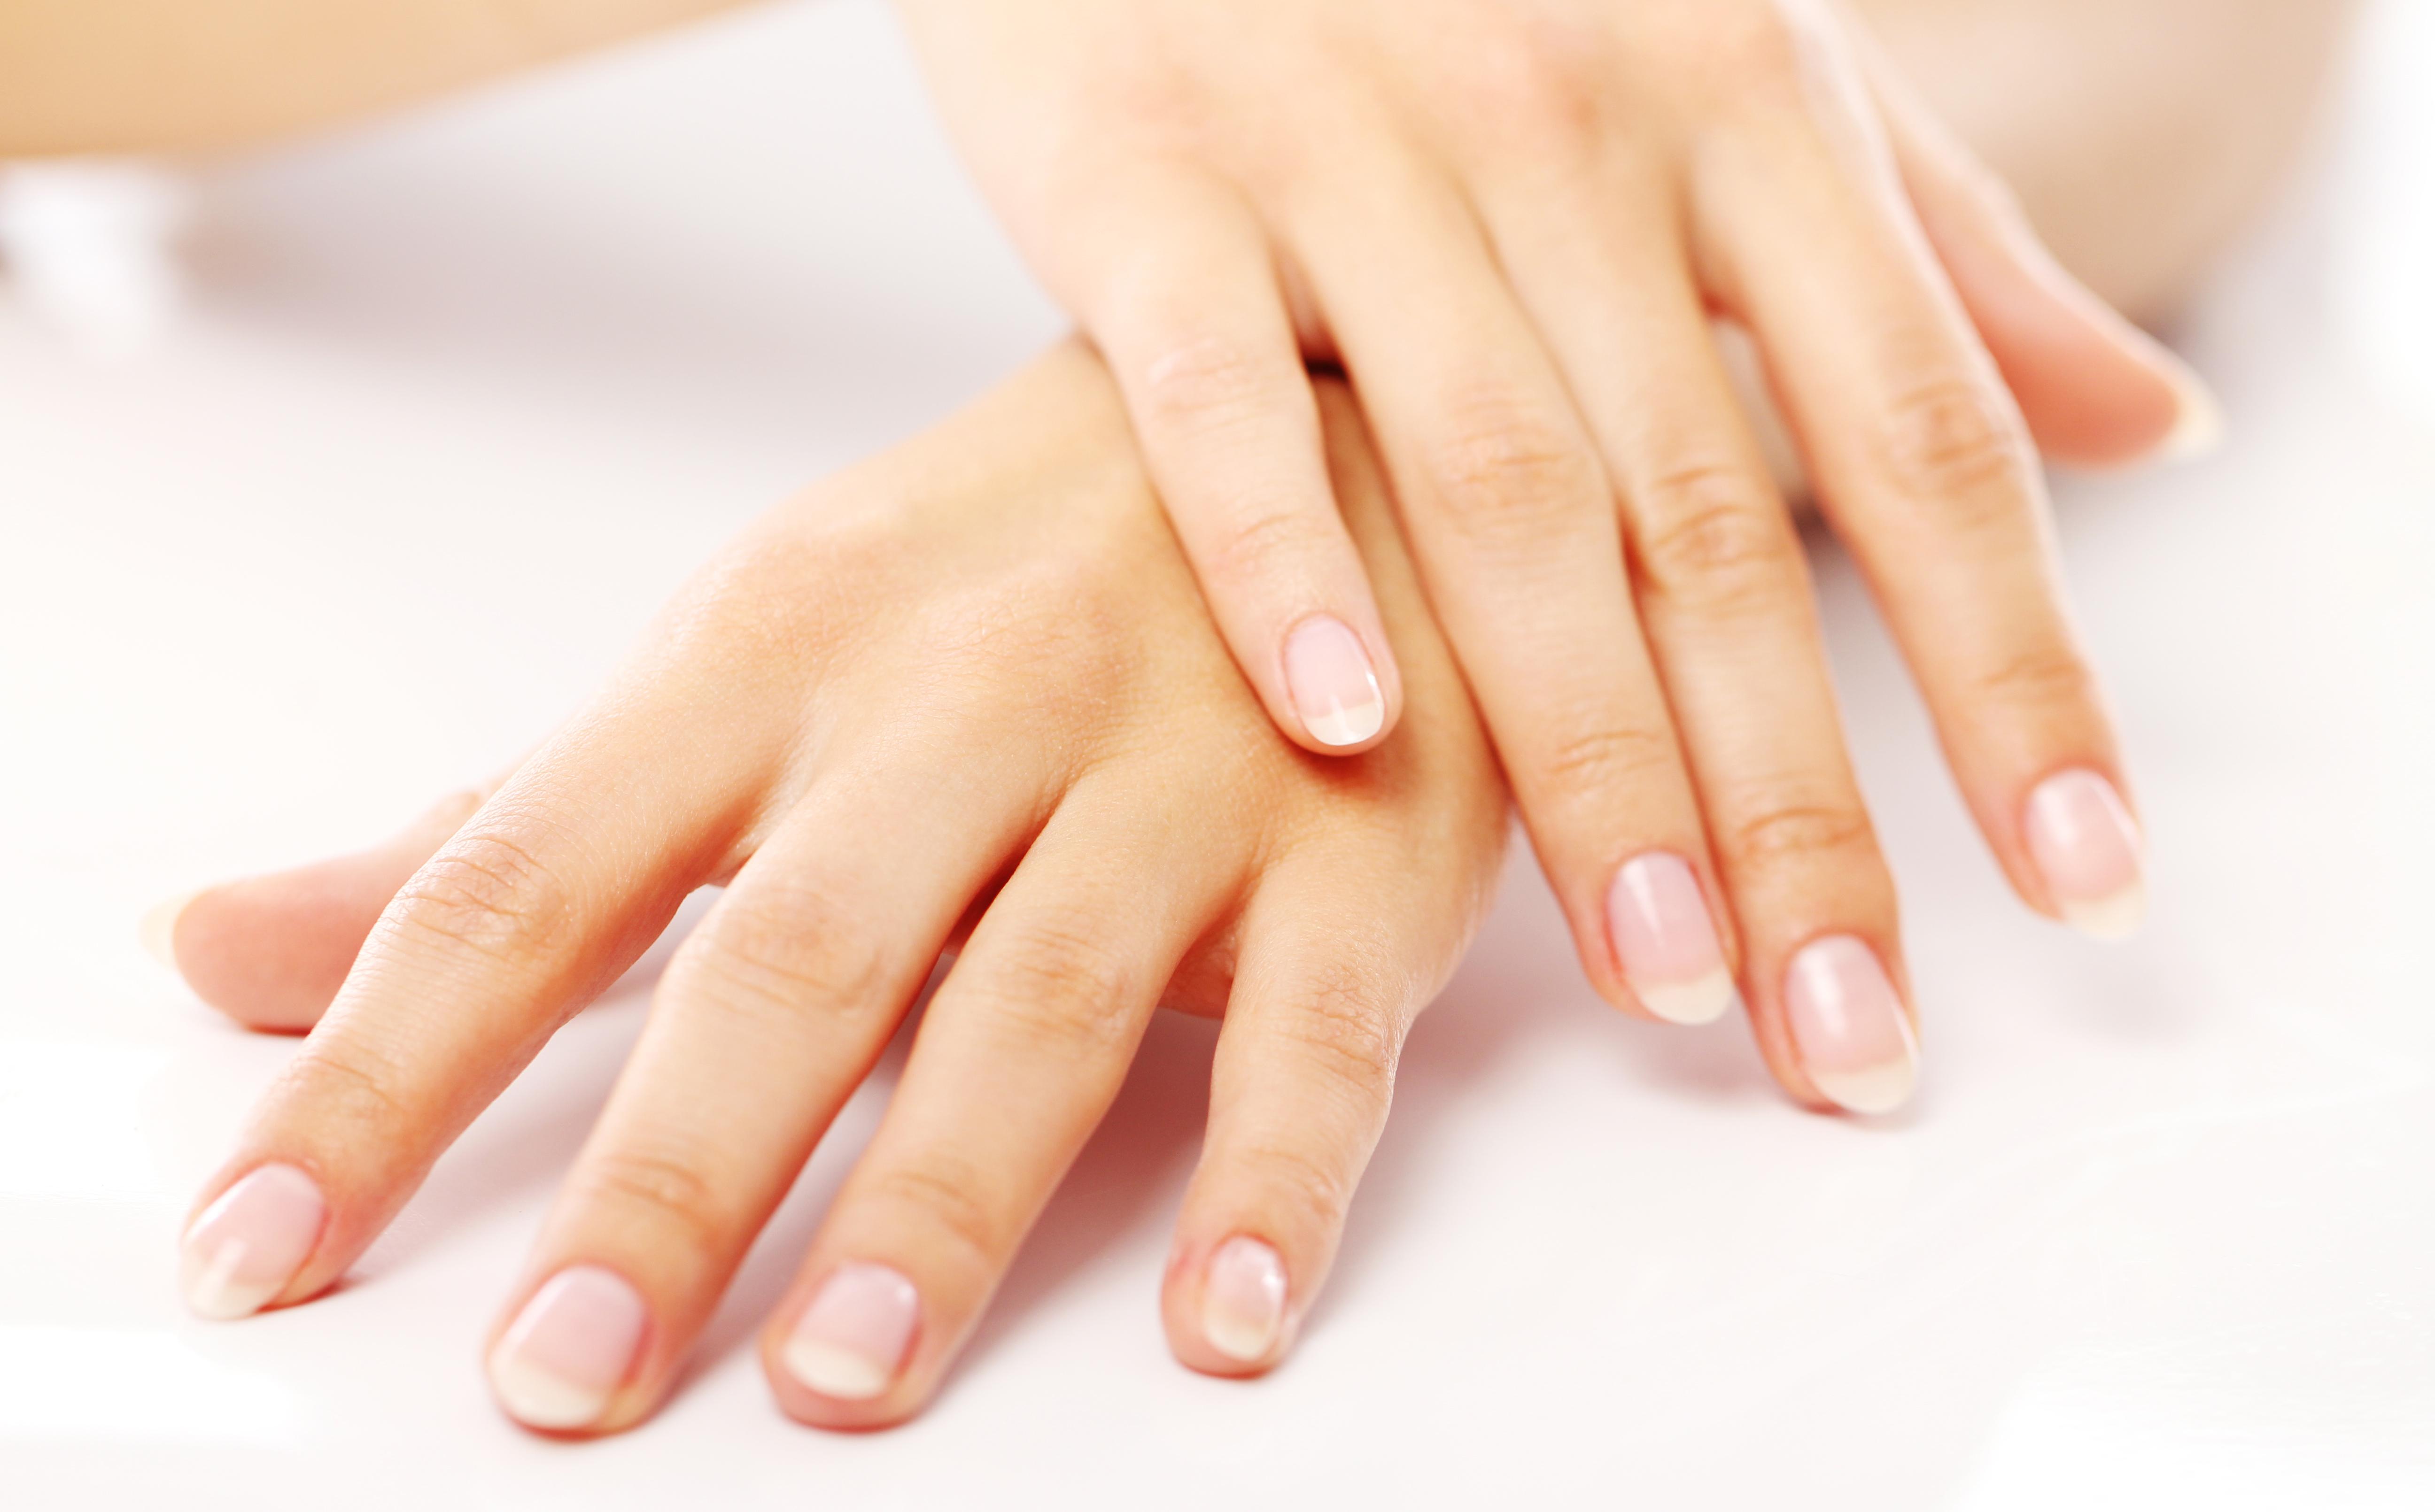 świąteczny Manicure Inspiracje Na Paznokcie Kobietypl